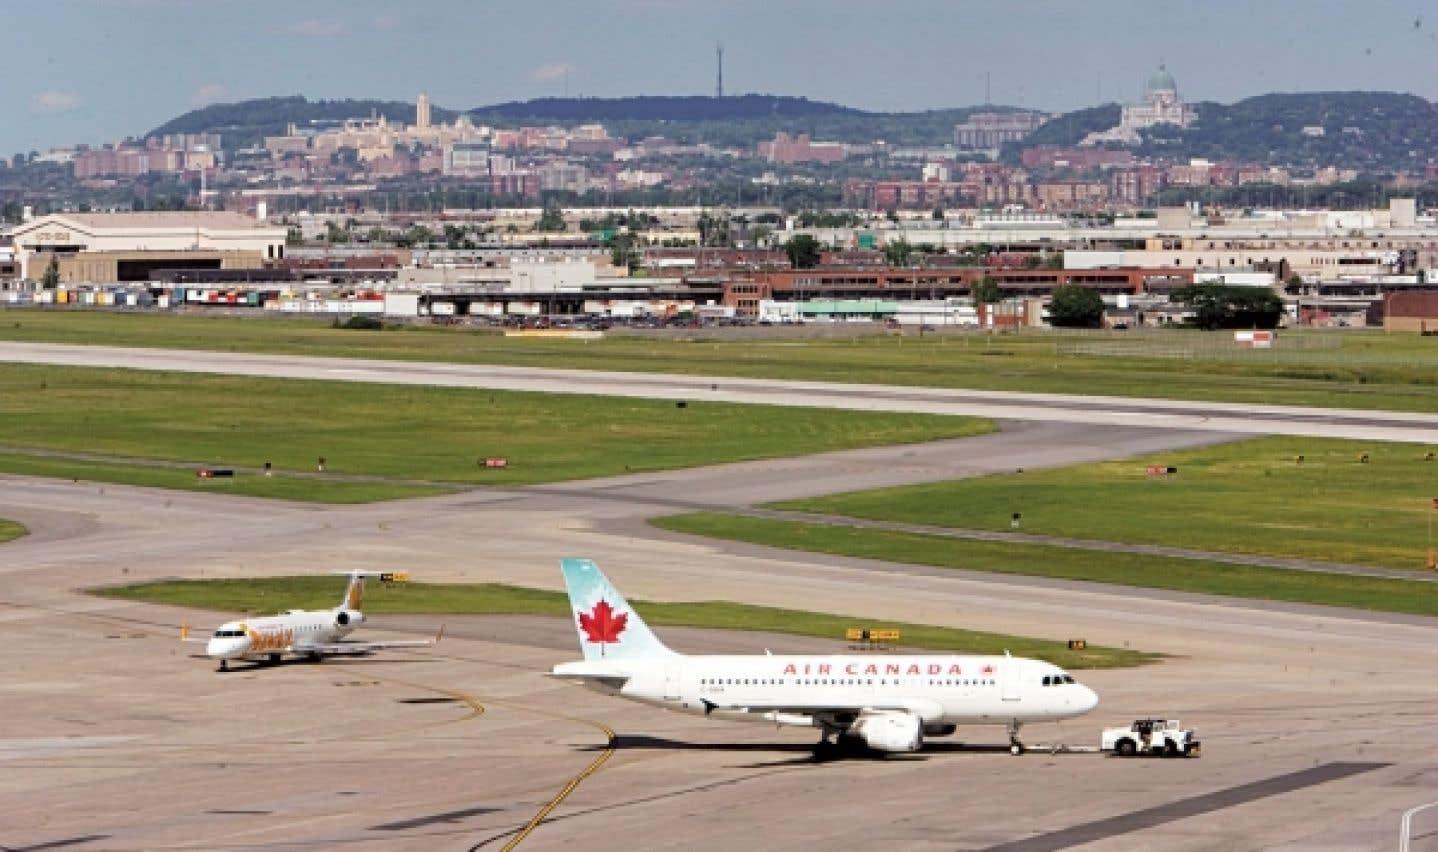 Aéroport de Montréal souhaite se doter de son premier plan d'action en matière de développement durable d'ici la fin de 2012.